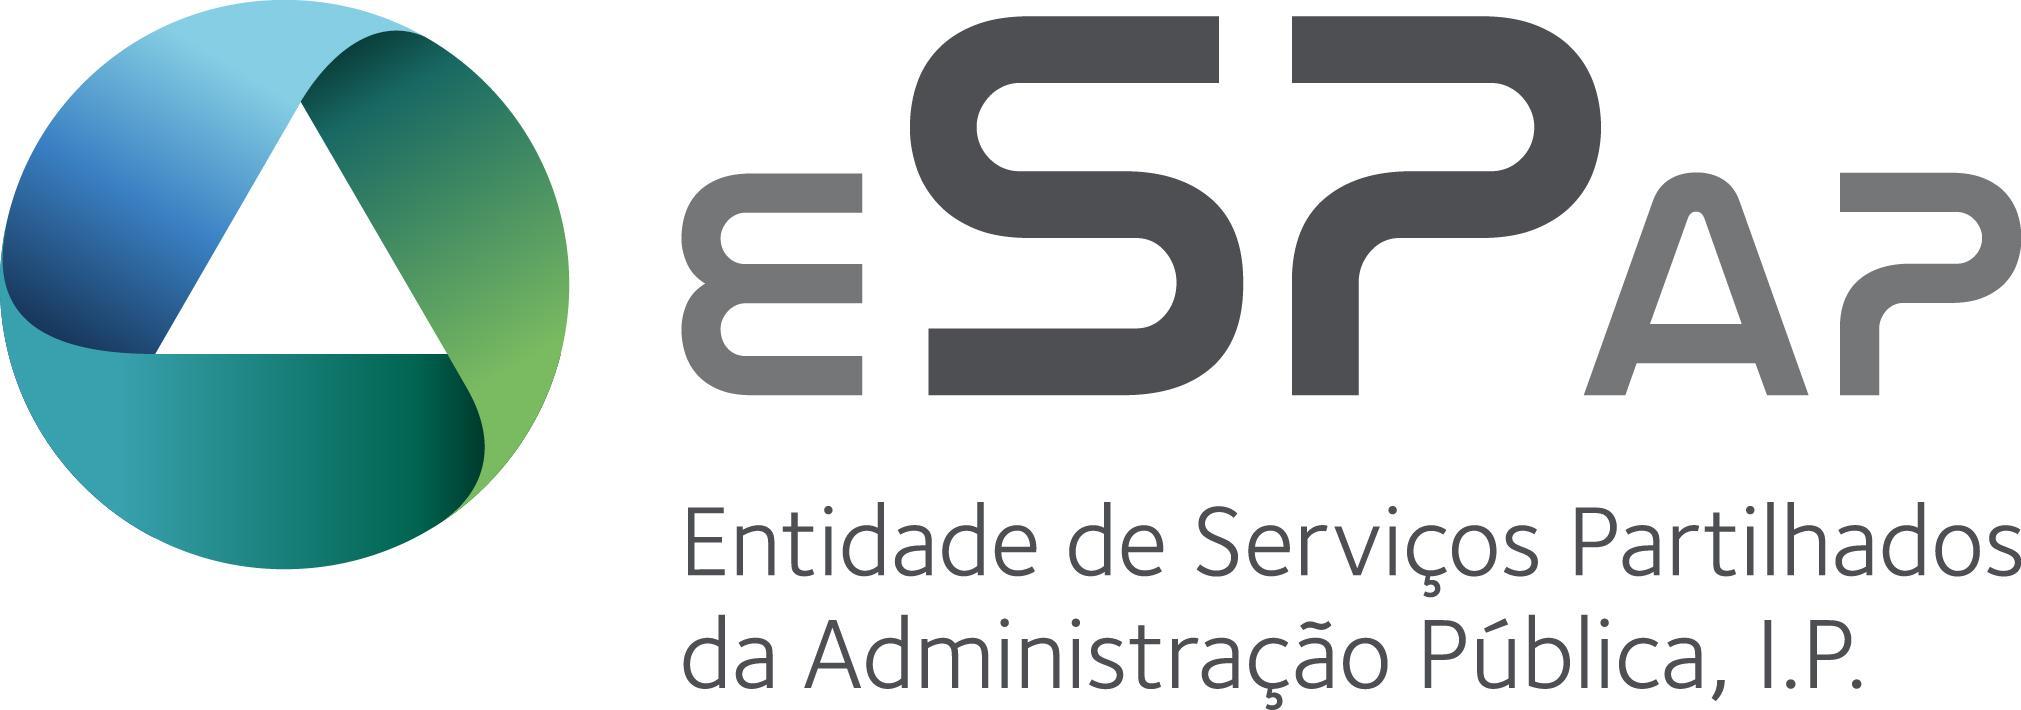 Logotipo Entidade de Serviços Partilhados da Administração Pública - ePortugal.gov.pt